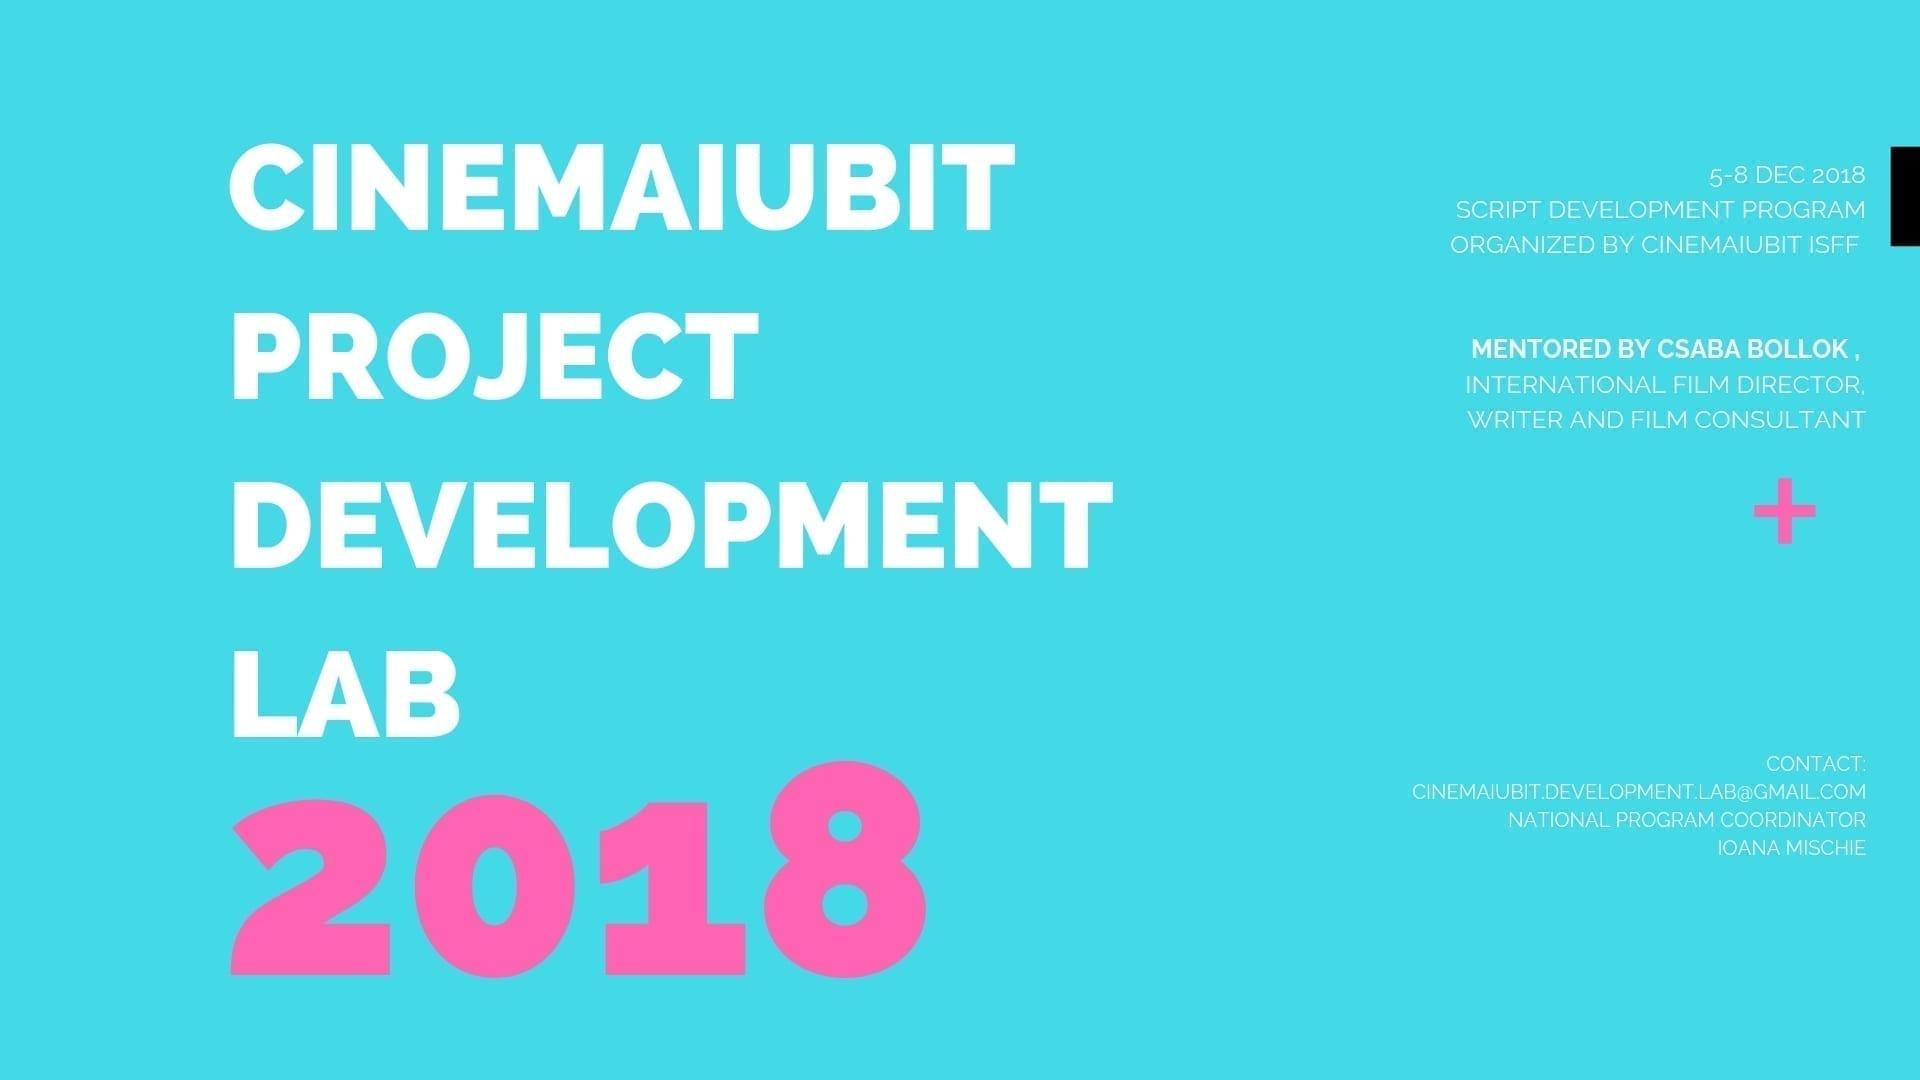 CineMAiubit Project Development Lab Announces the Selected Projects Entering The Script Development Marathon of 2018